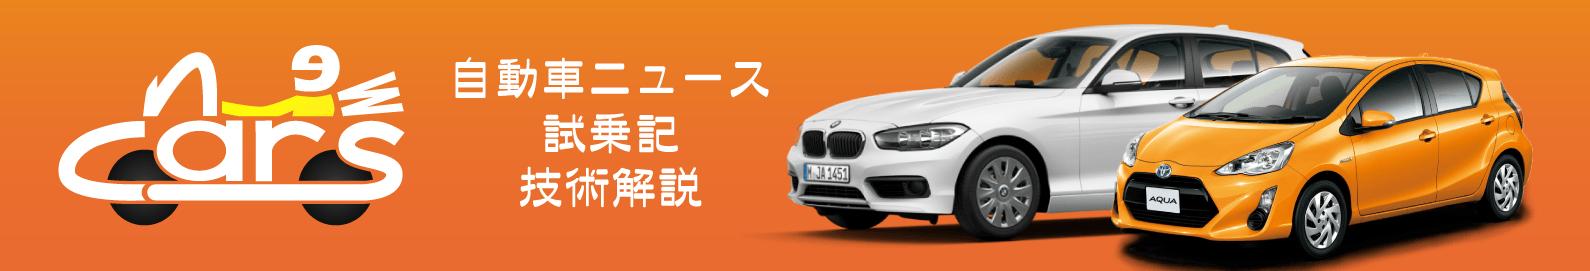 newcars.jp